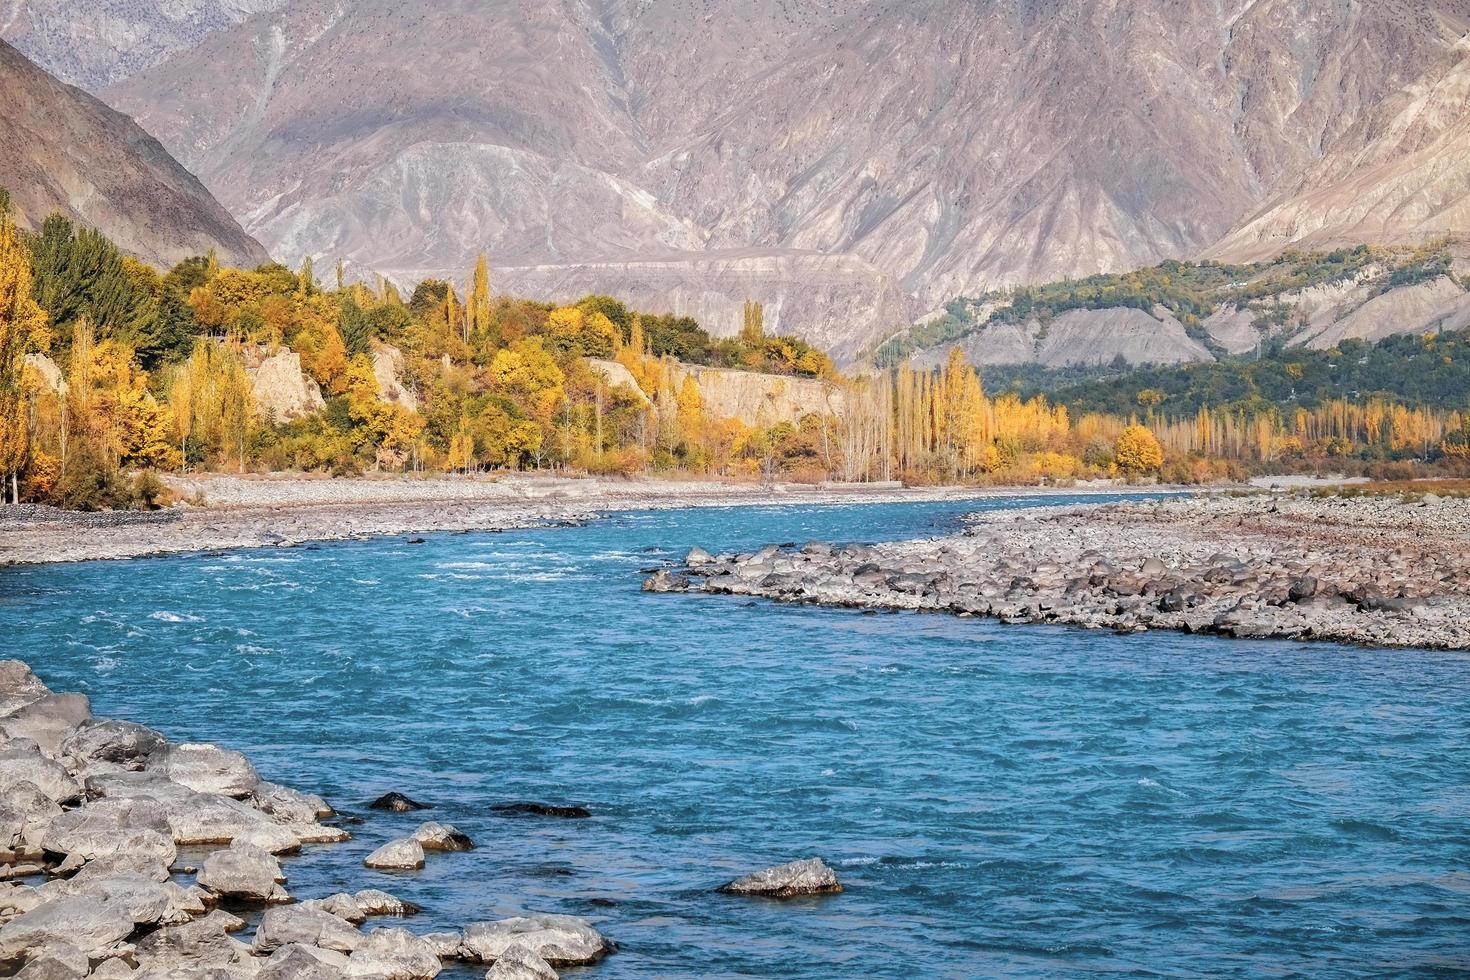 gilgit rivier stroomt door gupis, pakistan foto